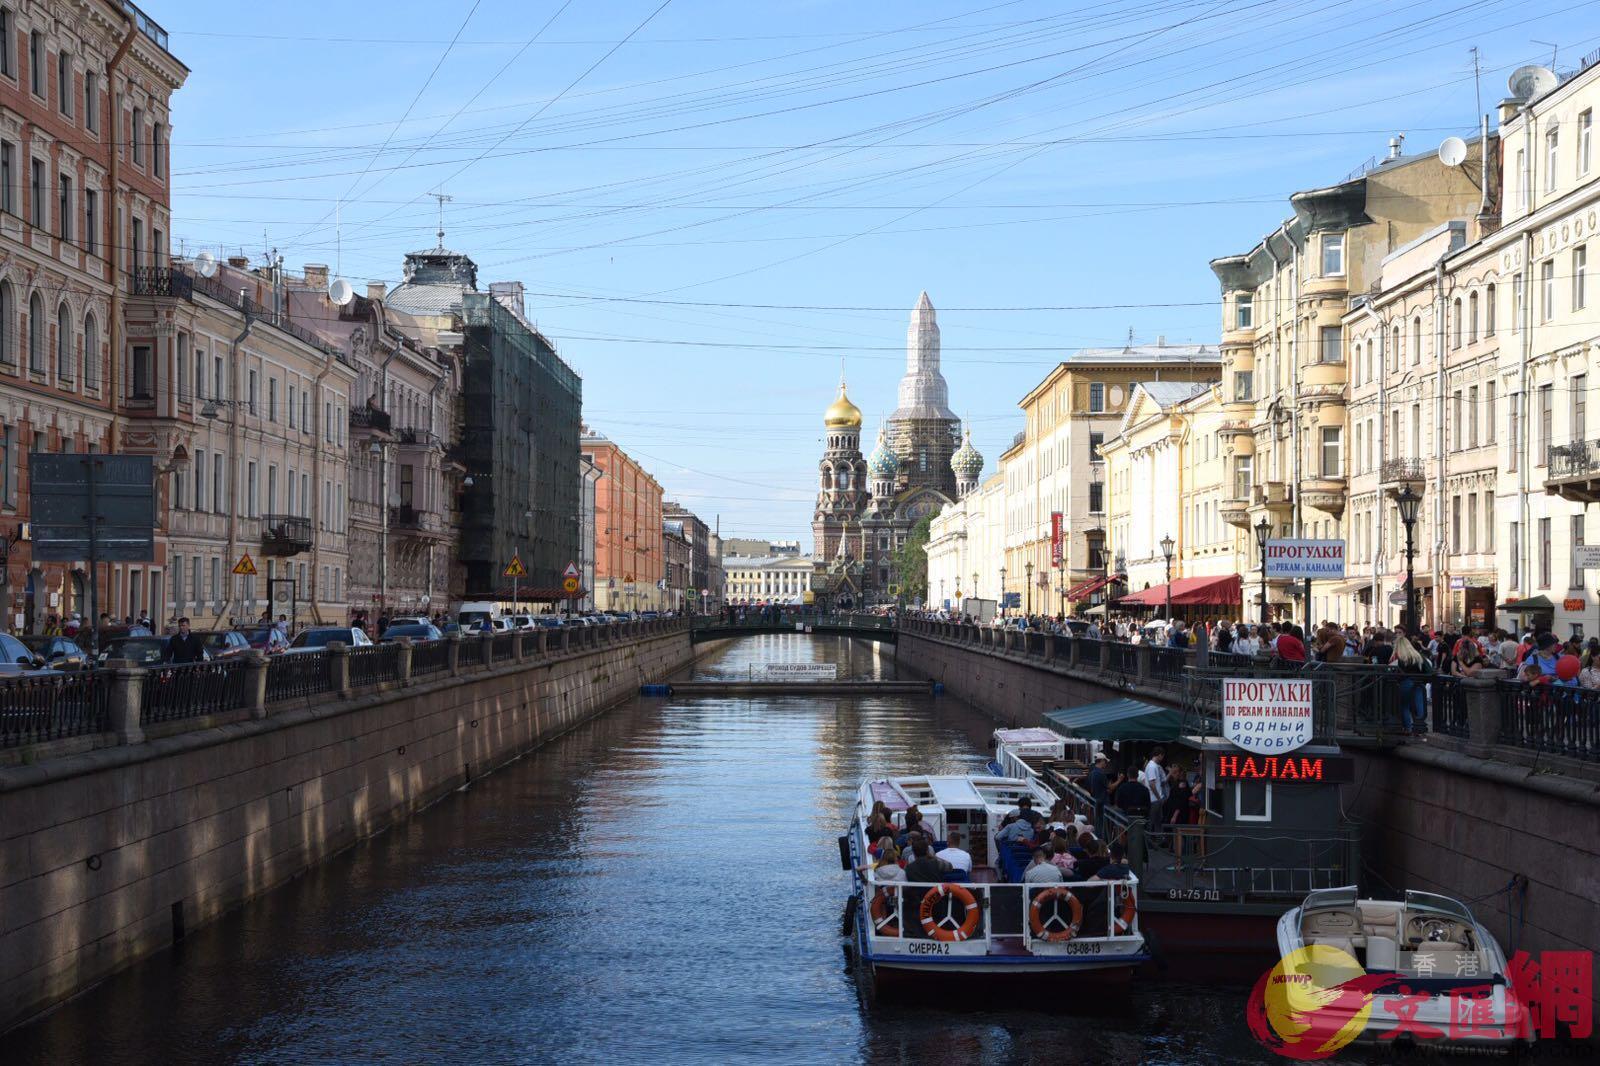 教堂河,河上有觀光船供遊客乘搭。大文特派記者 何嘉軒 攝